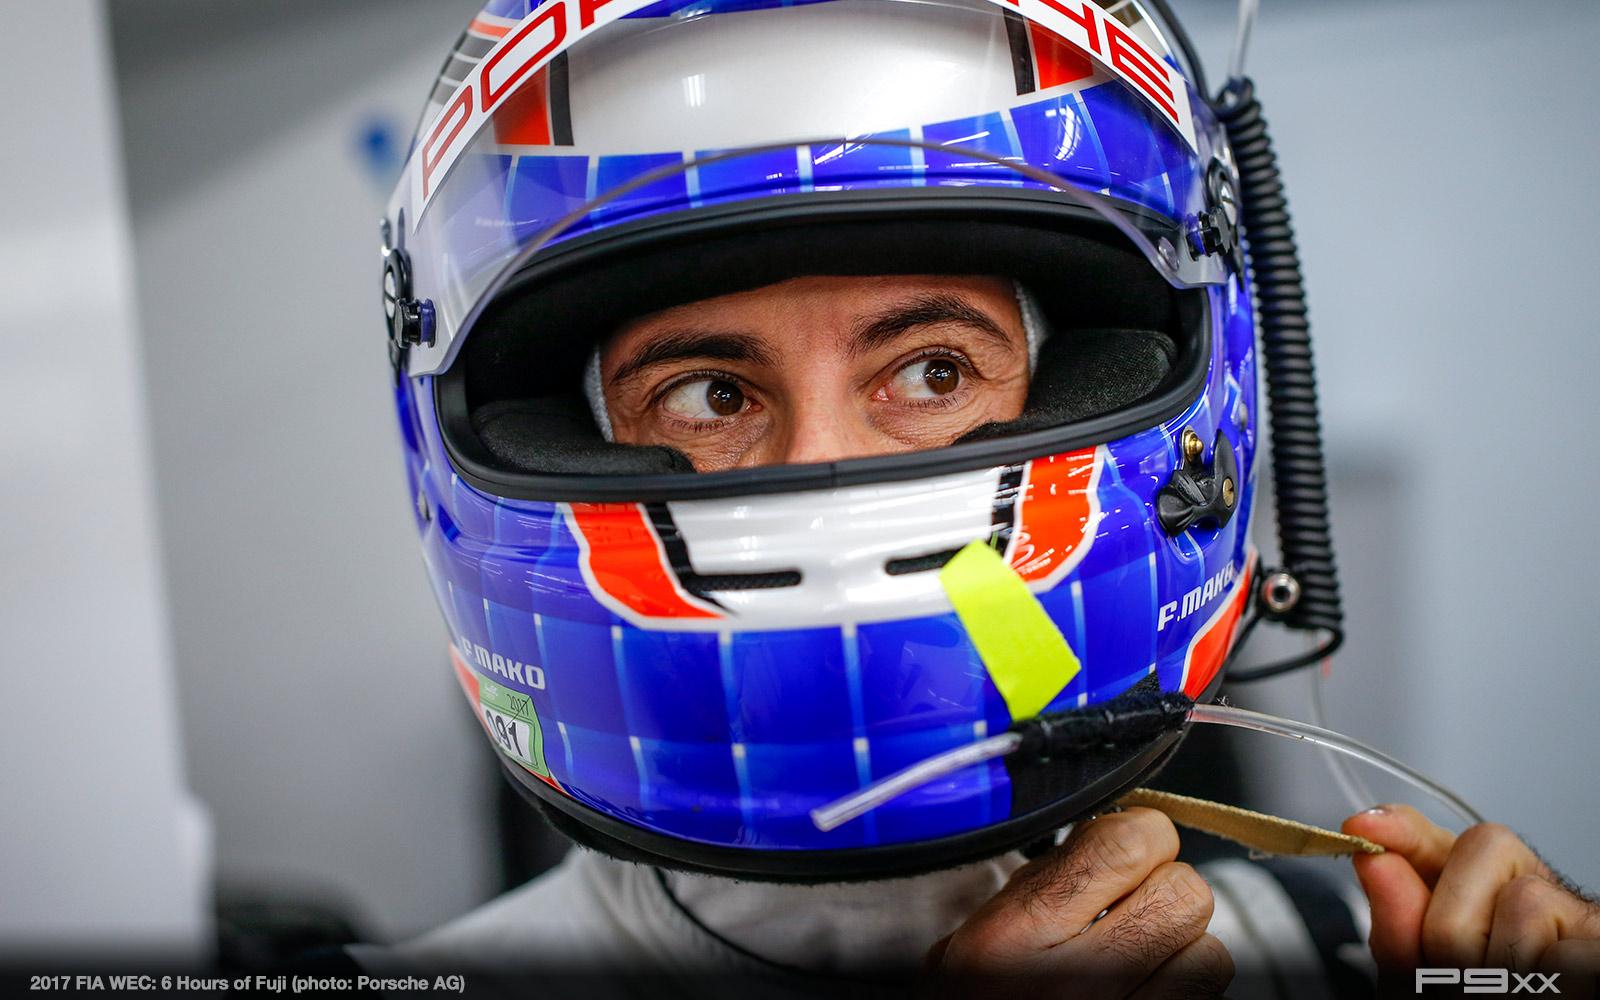 2017-FIA-WEC-6h-of-Fuji-Porsche-468